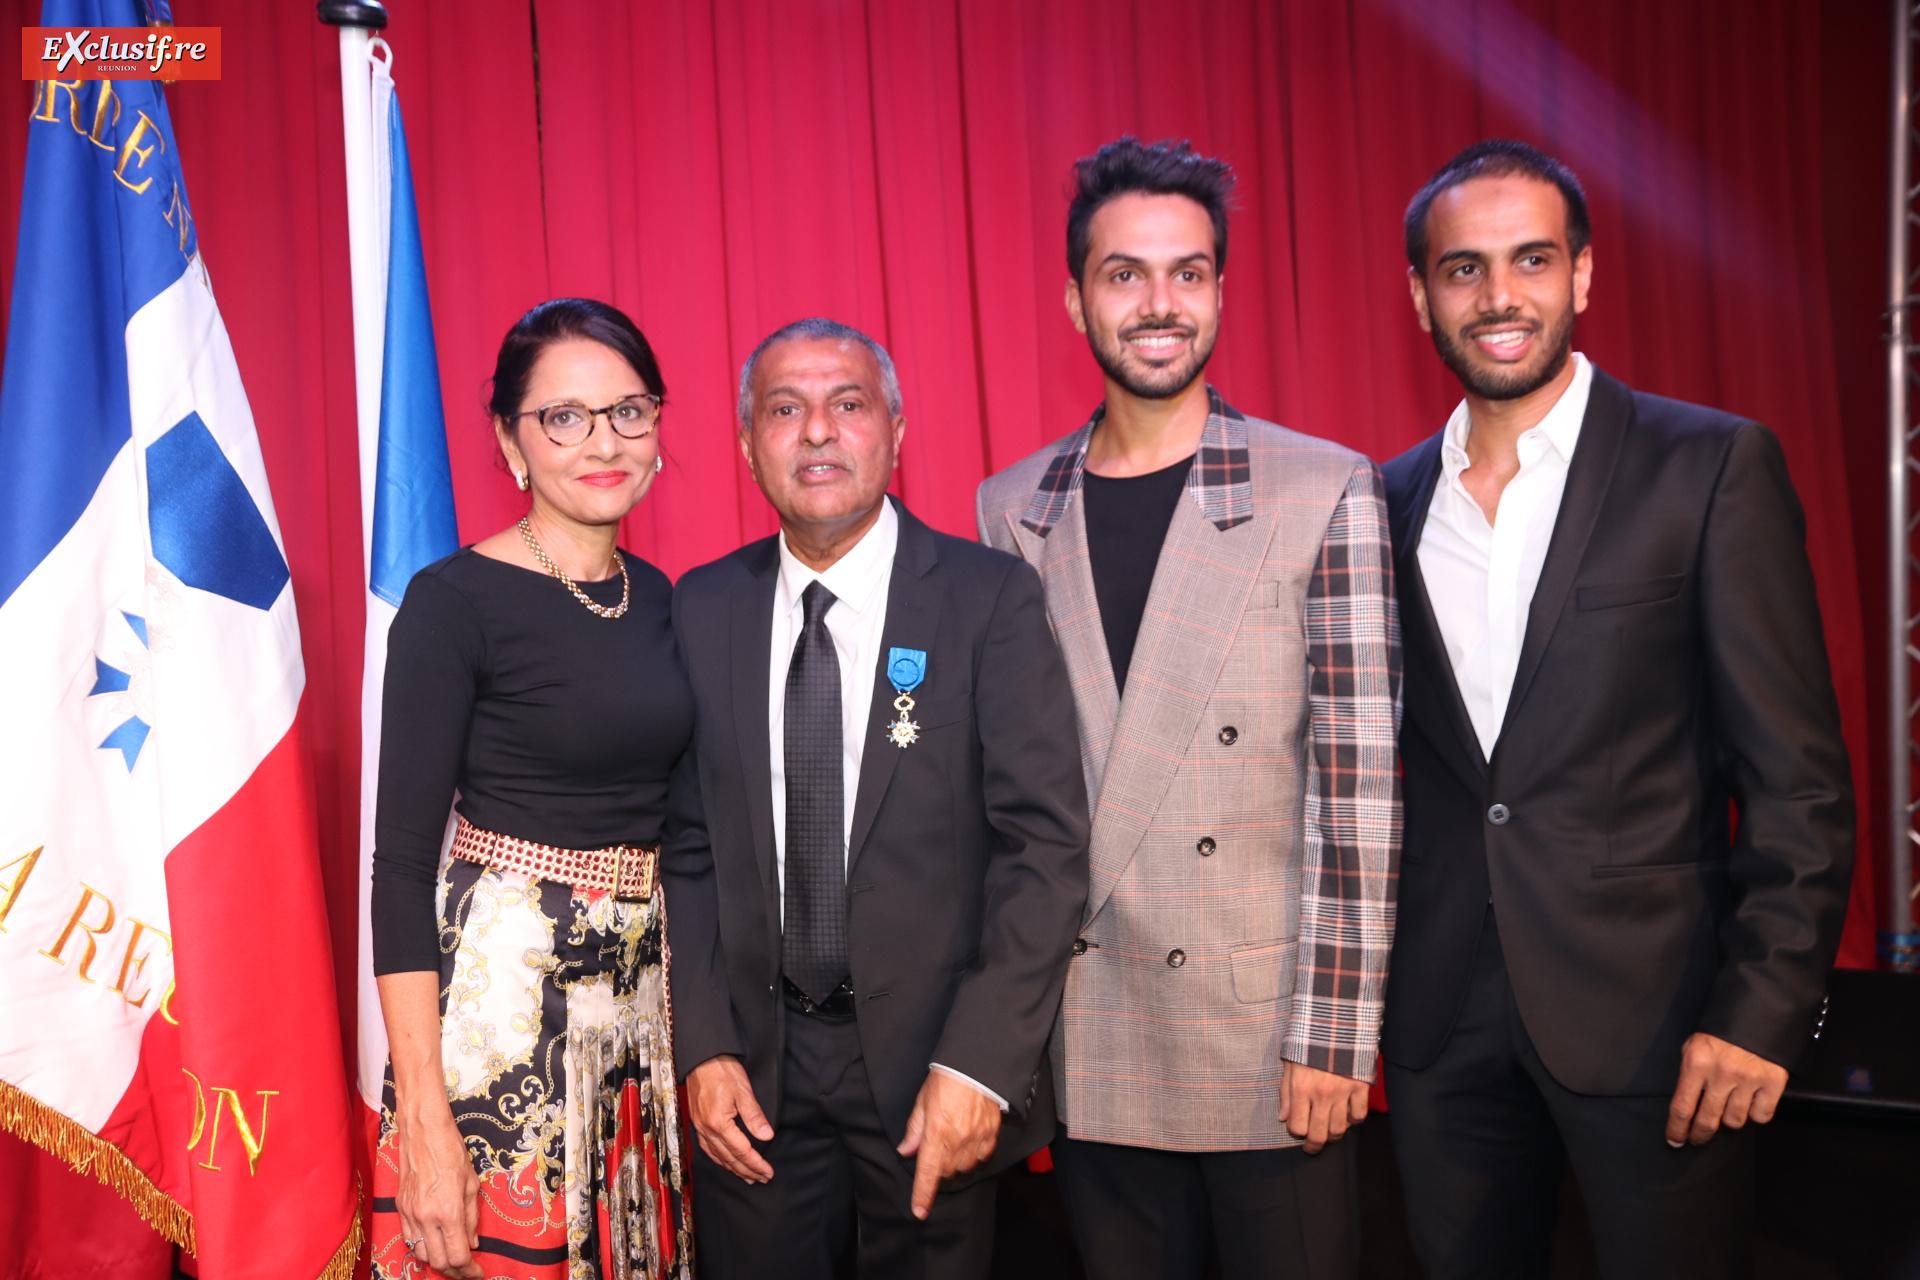 Younous Ravate avec son épouse Nazira, et leurs enfants Louqman et Irfan